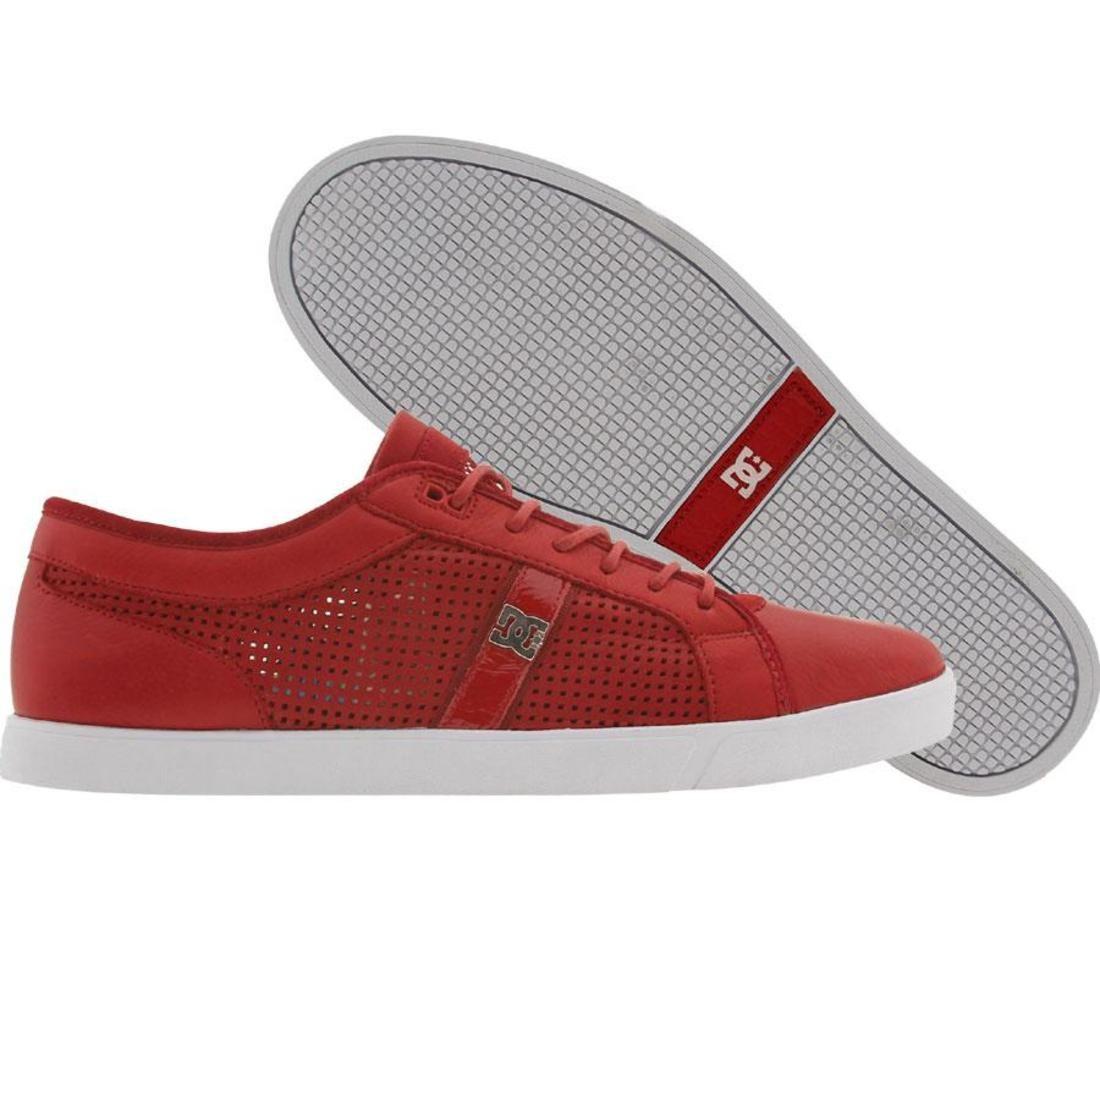 【海外限定】ディーシー コレクション ドレス 靴 スニーカー 【 DC LIFE COLLECTION DRESS SNEAKER RED 】